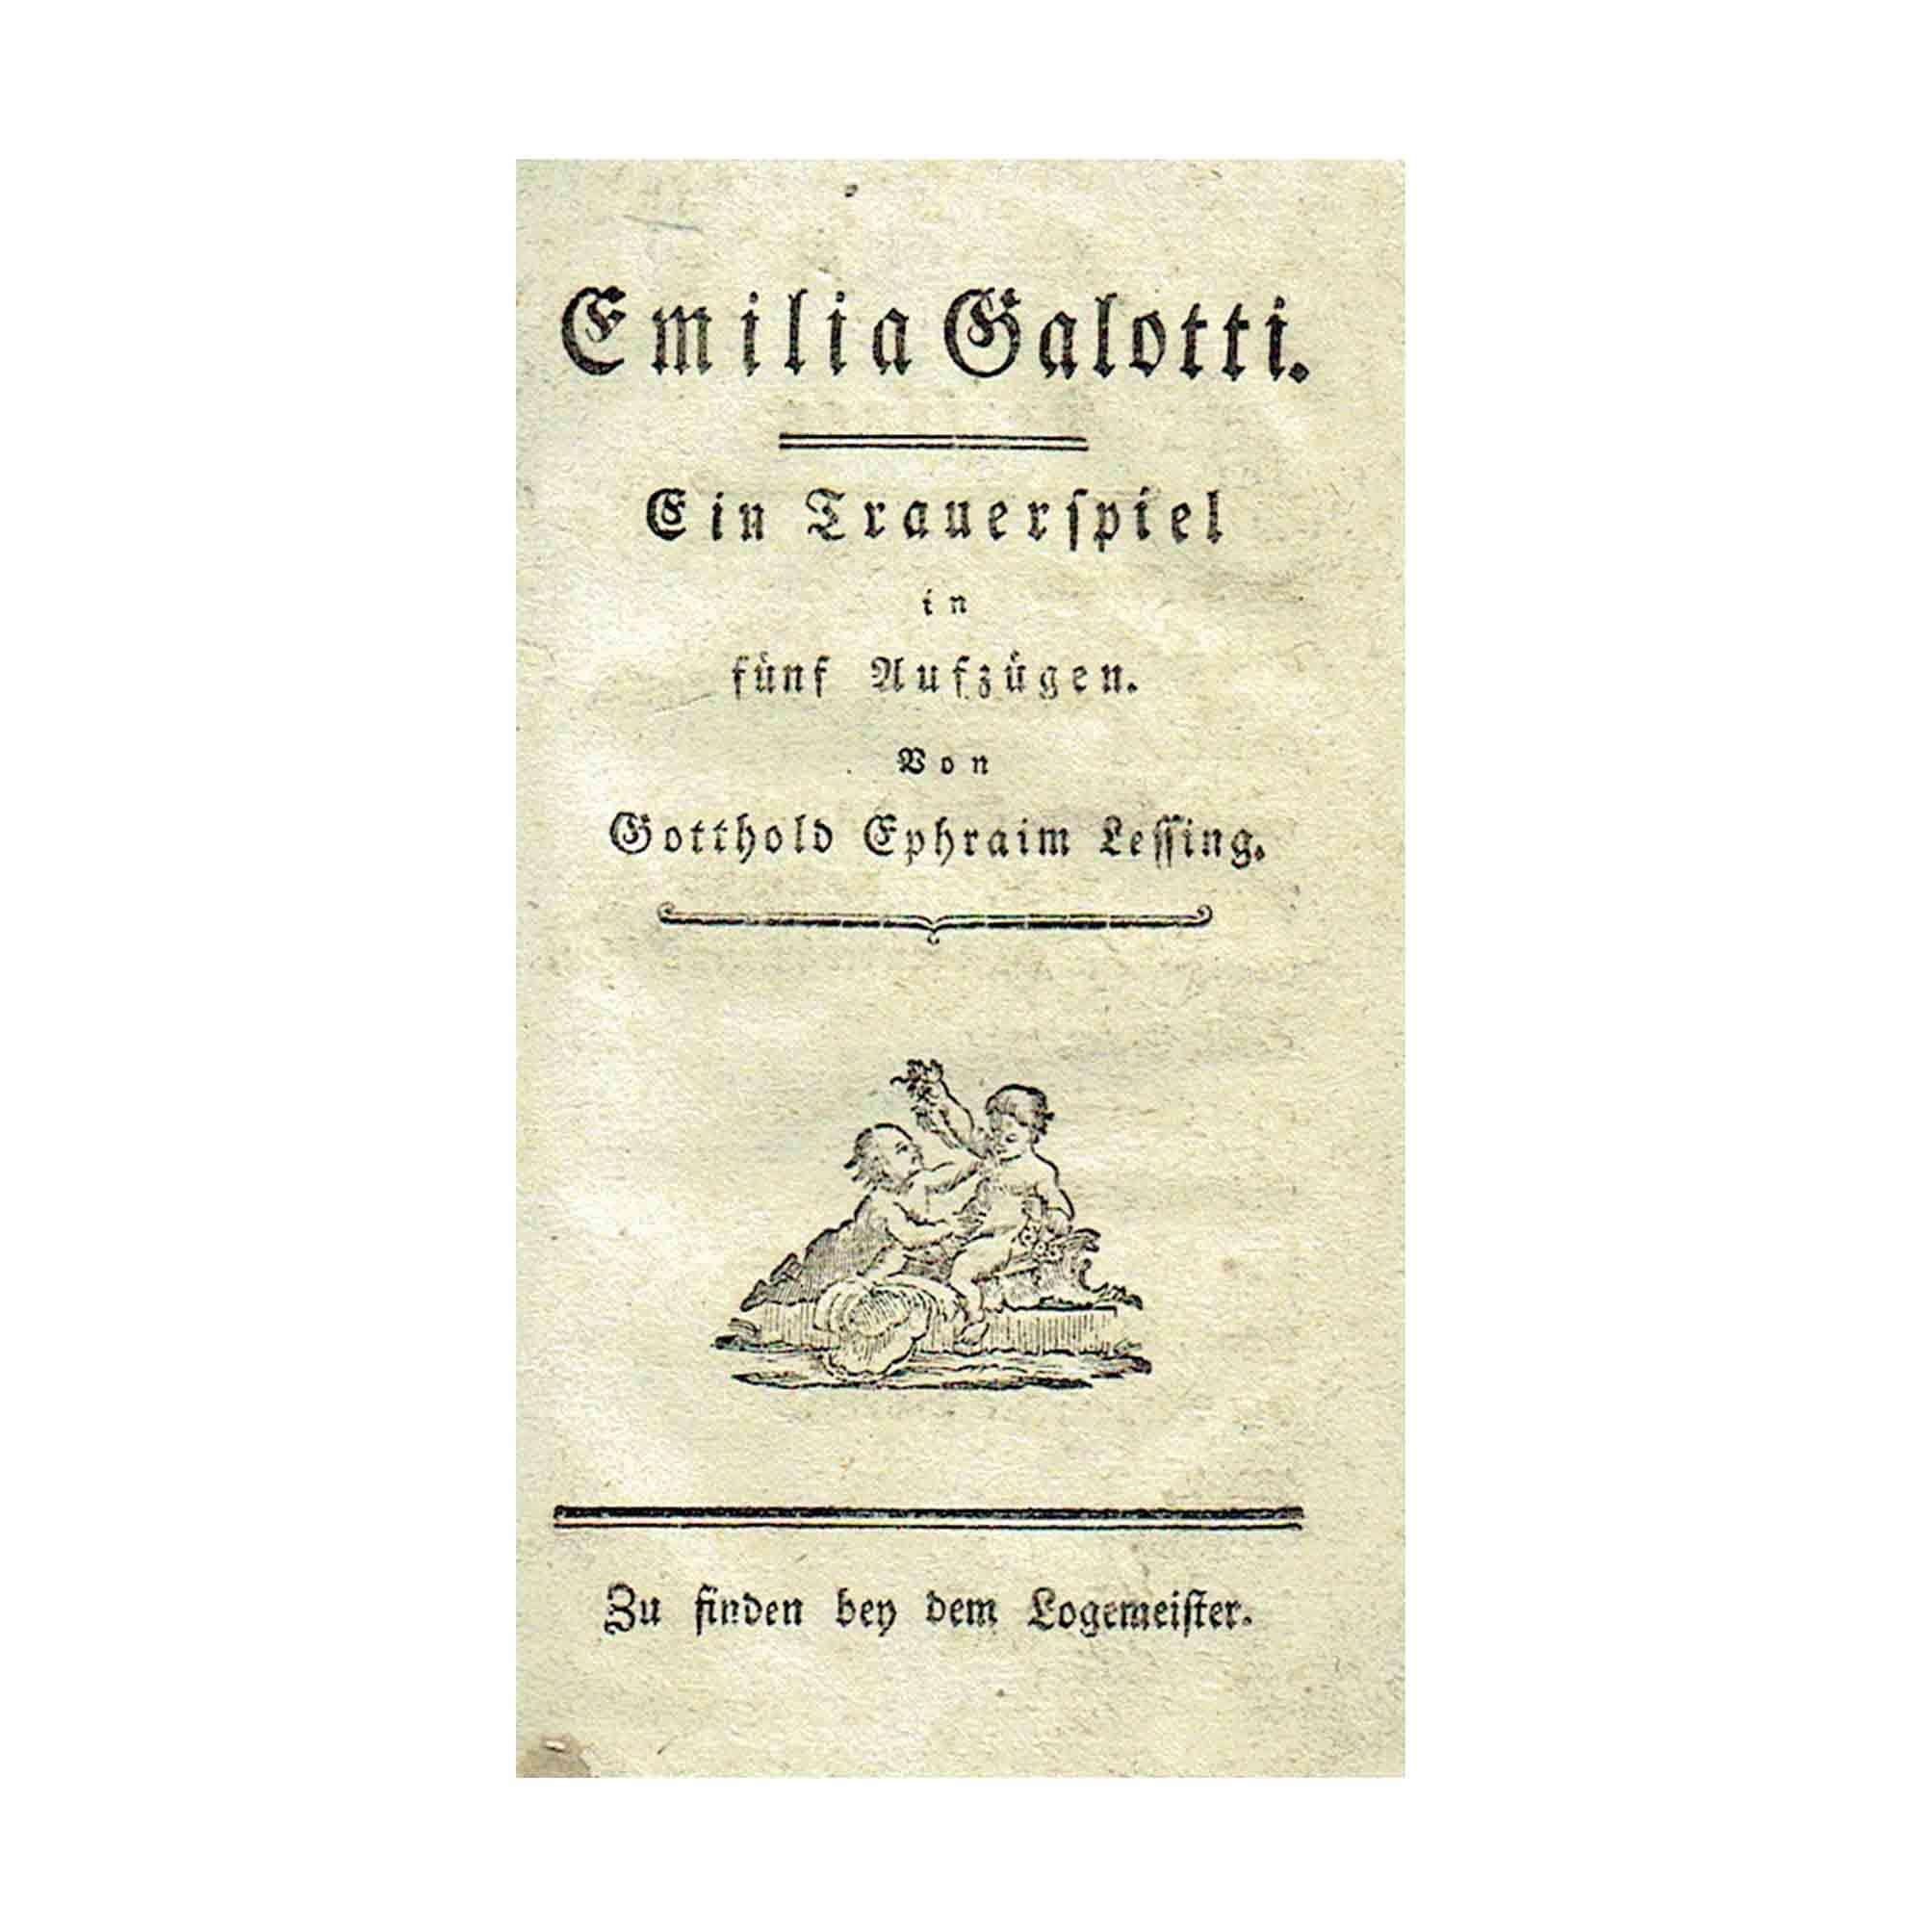 5811-Lessing-Emilia-Galotti-Wien-1772-Titelblatt-A-N.jpg